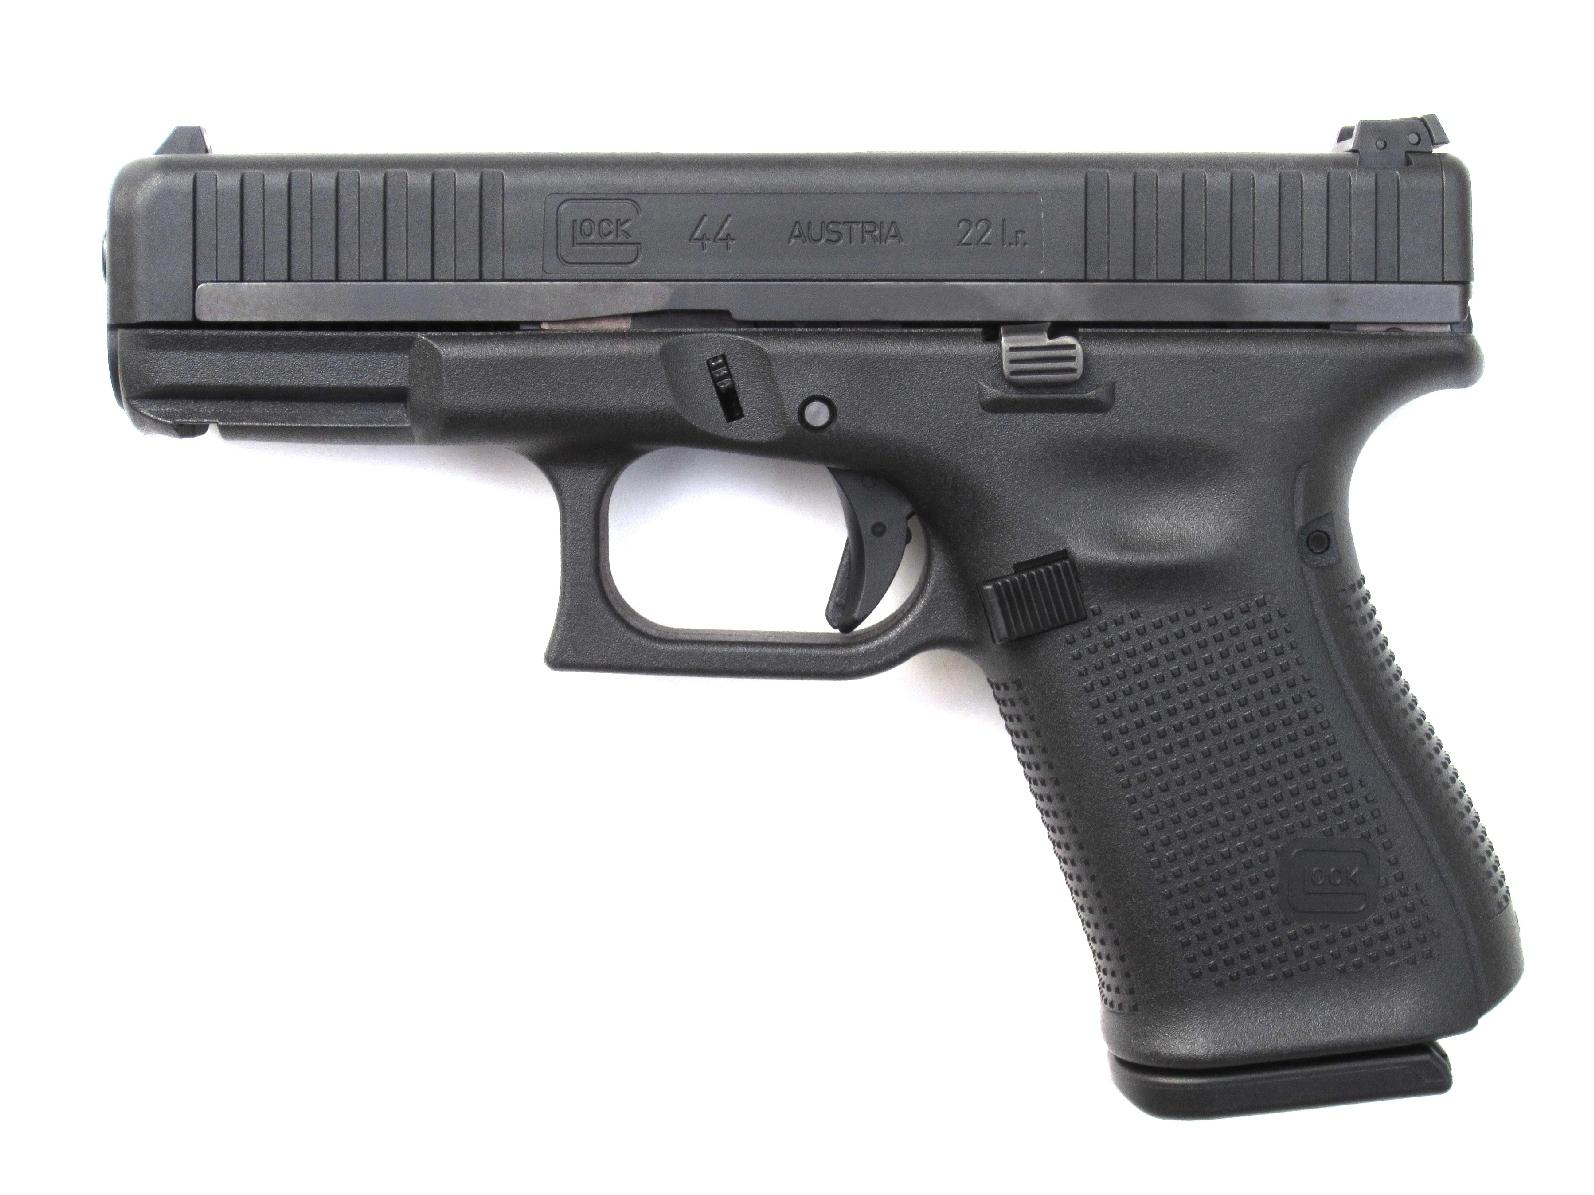 Pistolet semi-automatique Glock modèle 44 de calibre .22 Long Rifle.